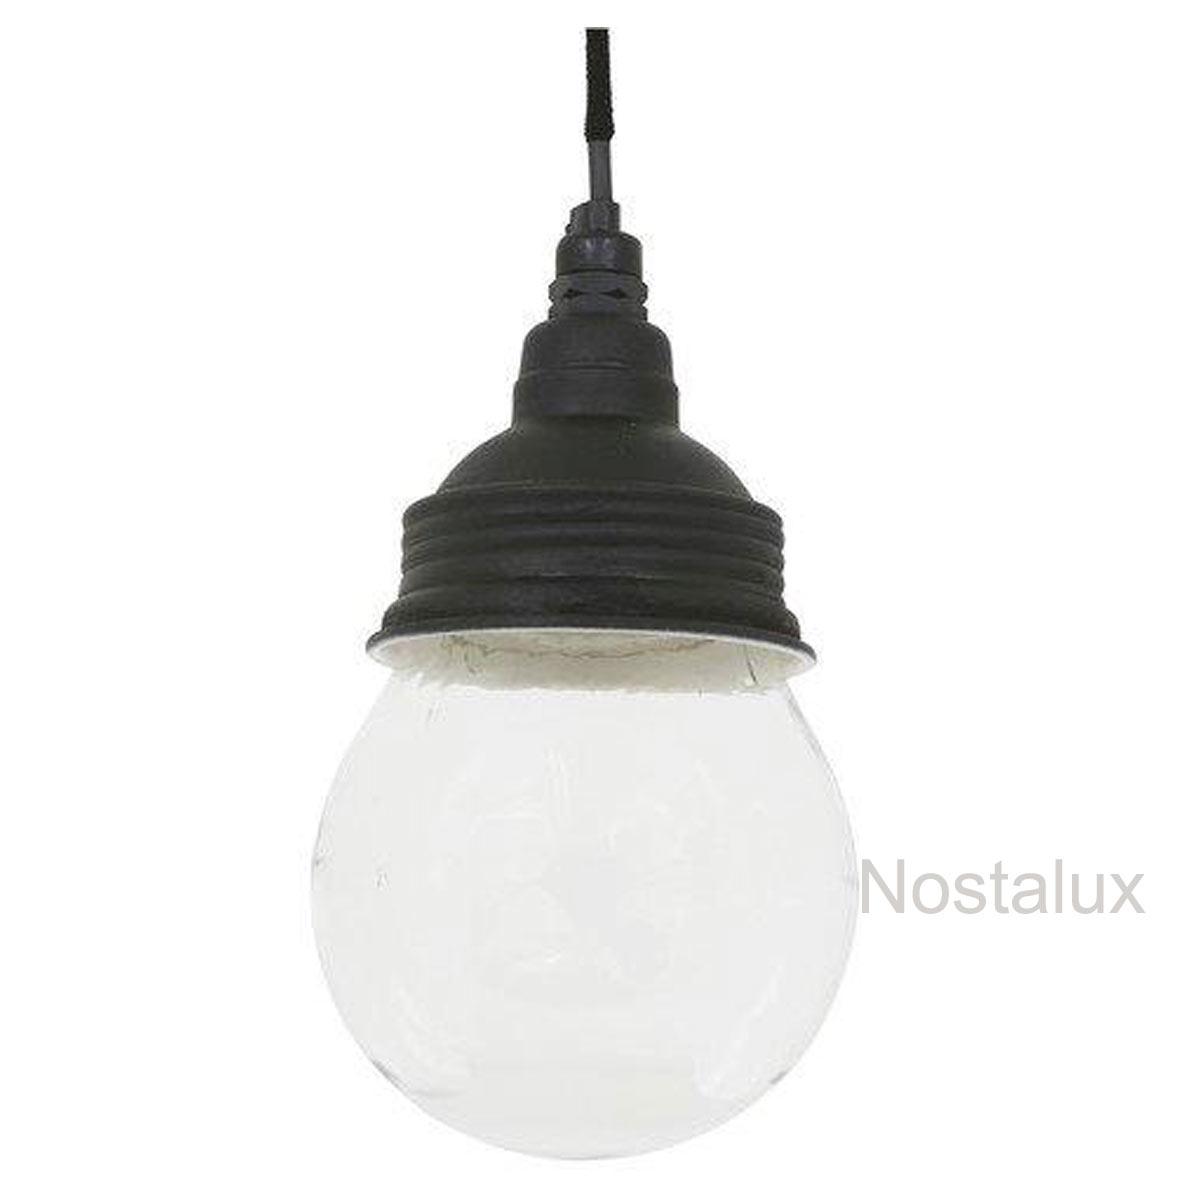 Nostaluce Vidro Hanglamp Zwart